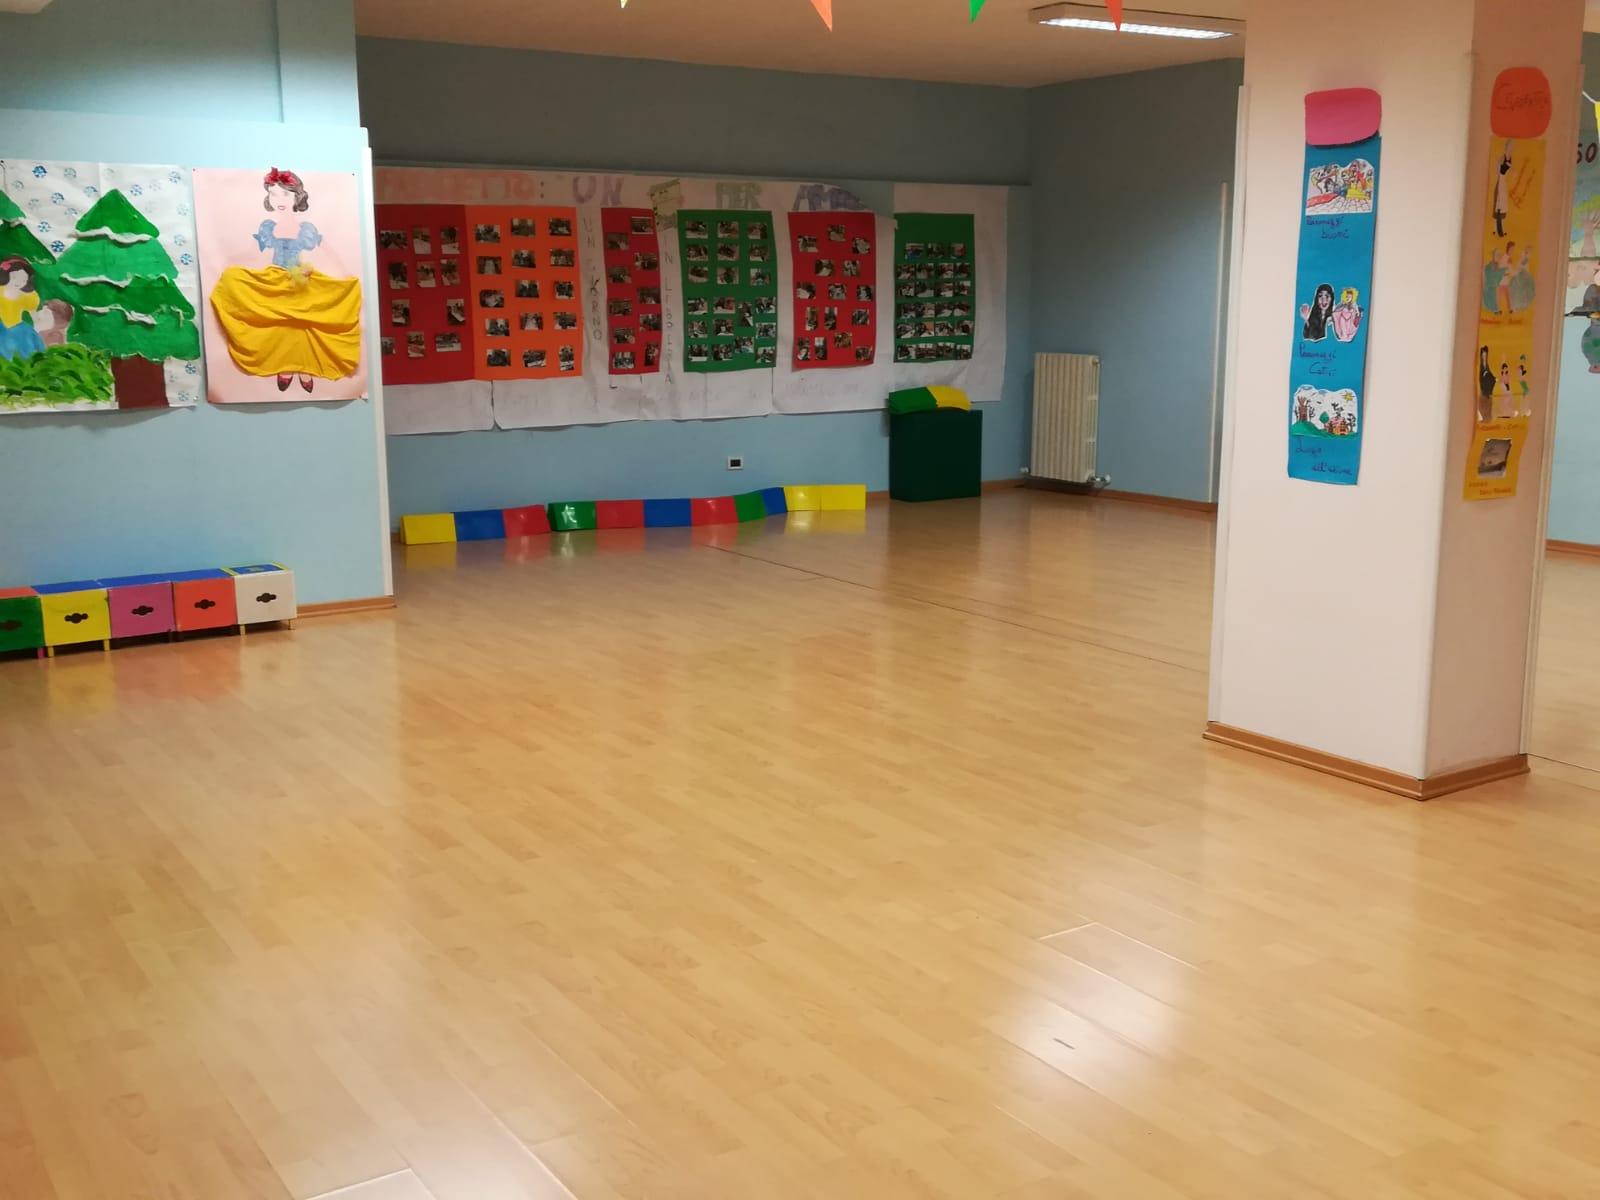 Foto casetta Fantasia, foto raffigurante l'area gioco dei bimbi